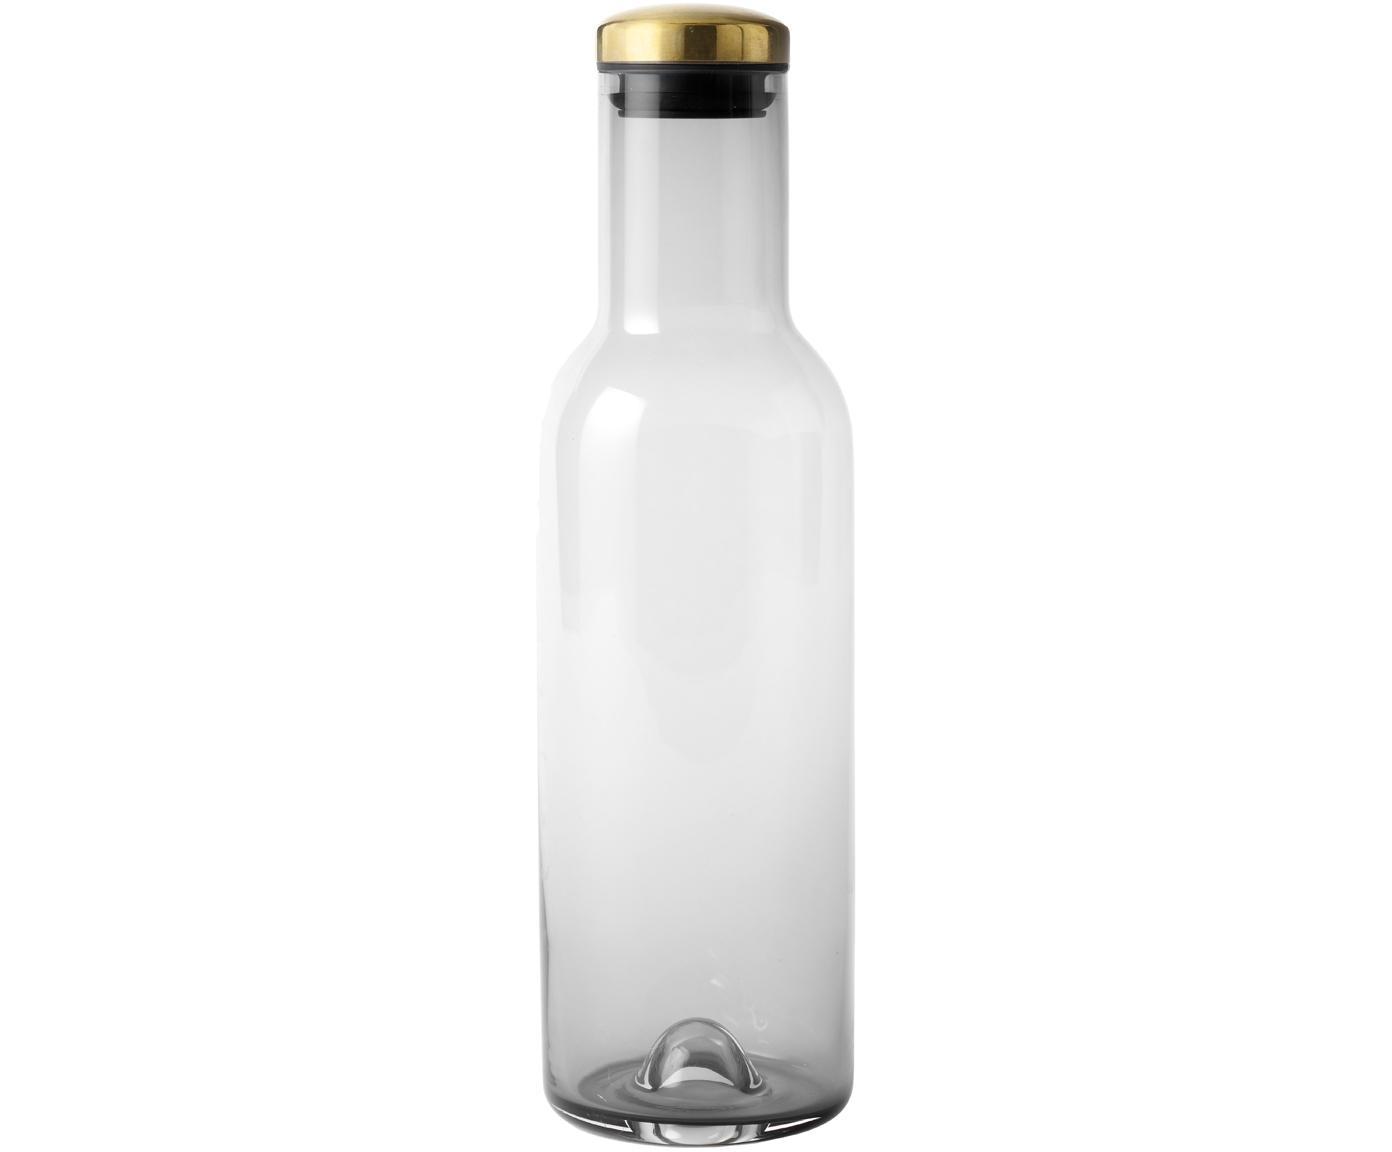 Bottiglia in vetro con coperchio dorato Deluxe, Coperchio: metallo ottonato, Grigio cipria, Ø 8 x Alt. 29 cm